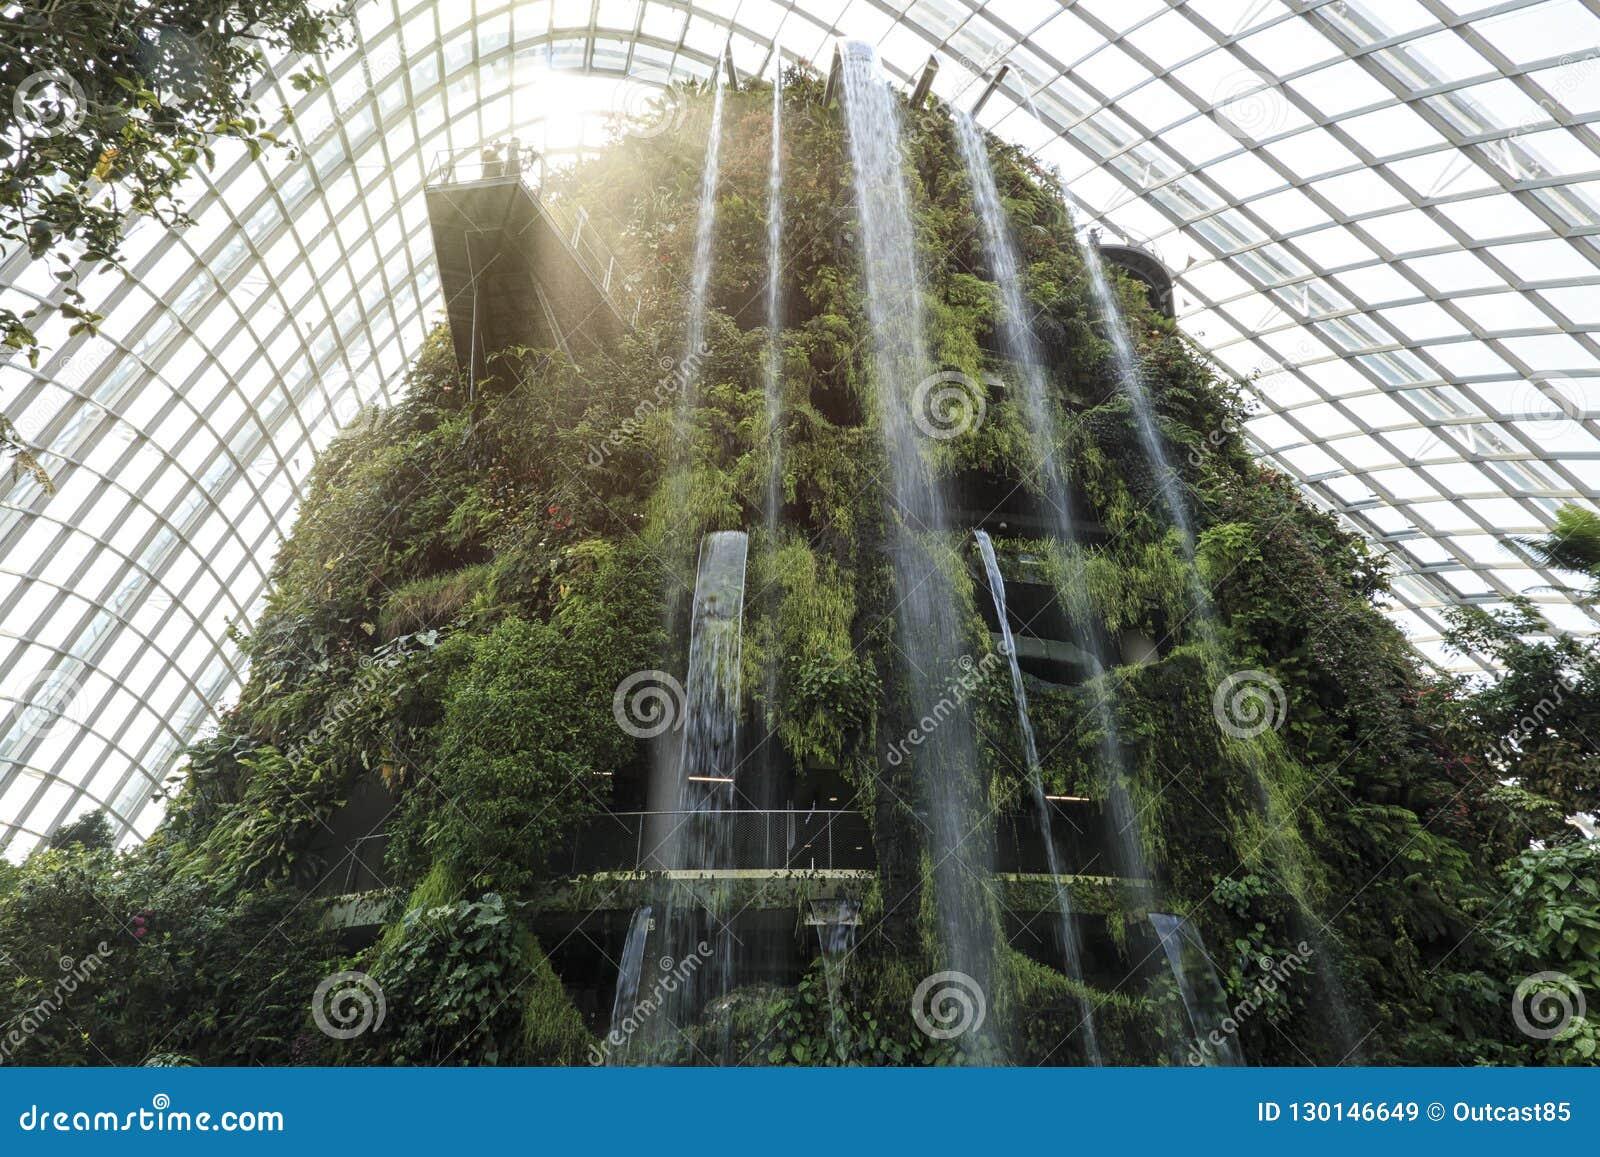 Cascade à L Intérieur Du Nuage Forest Dome Gardens Par La Baie à Singapour